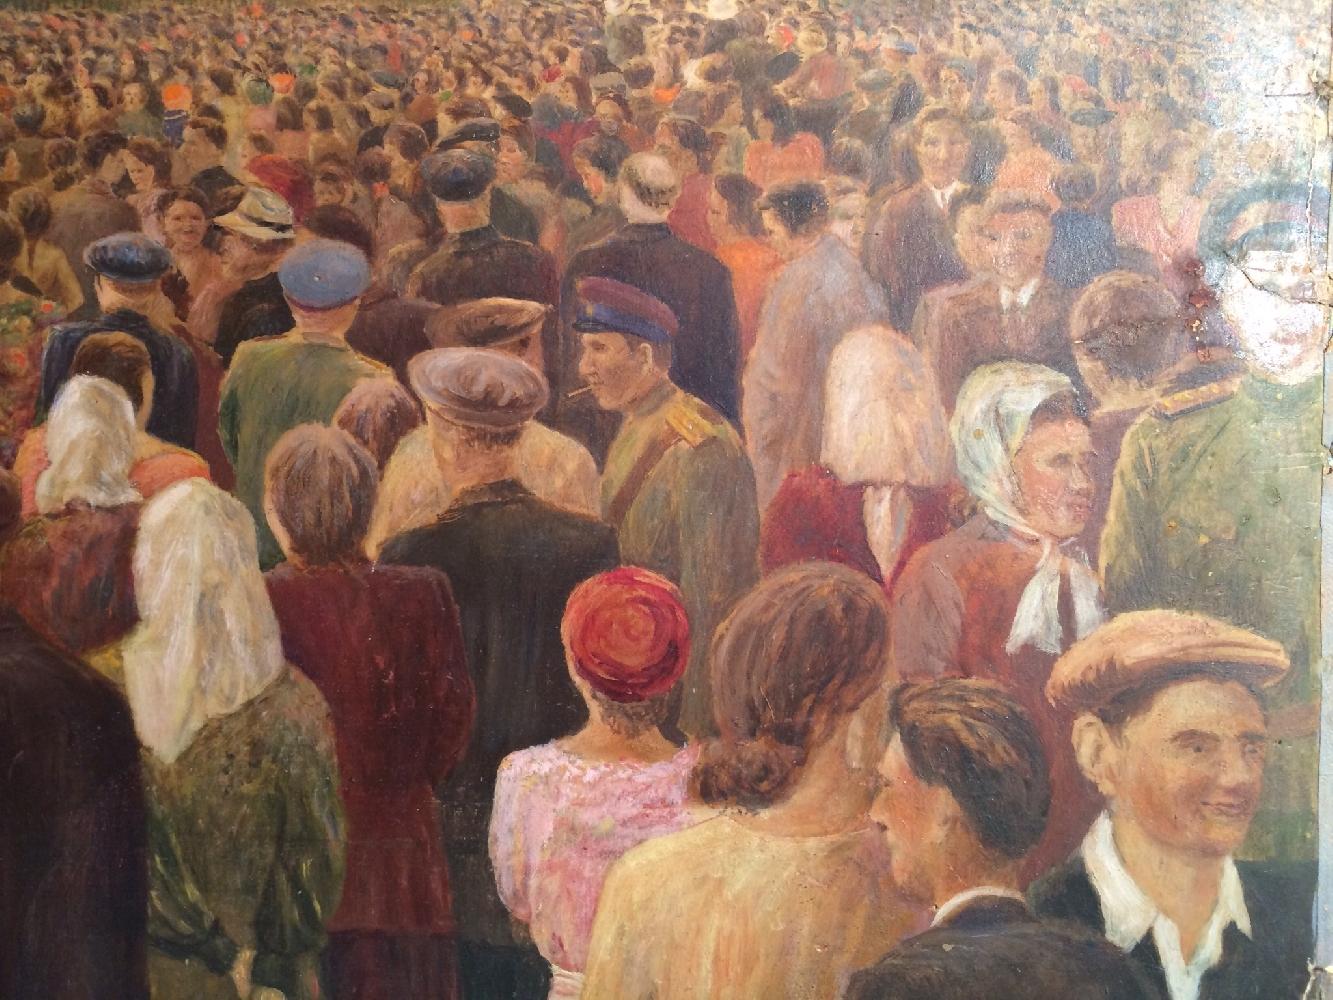 Нефедов В. Гуляния во Фрунзенском районе Москвы в честь 300-летия воссоединения Украины с Россией